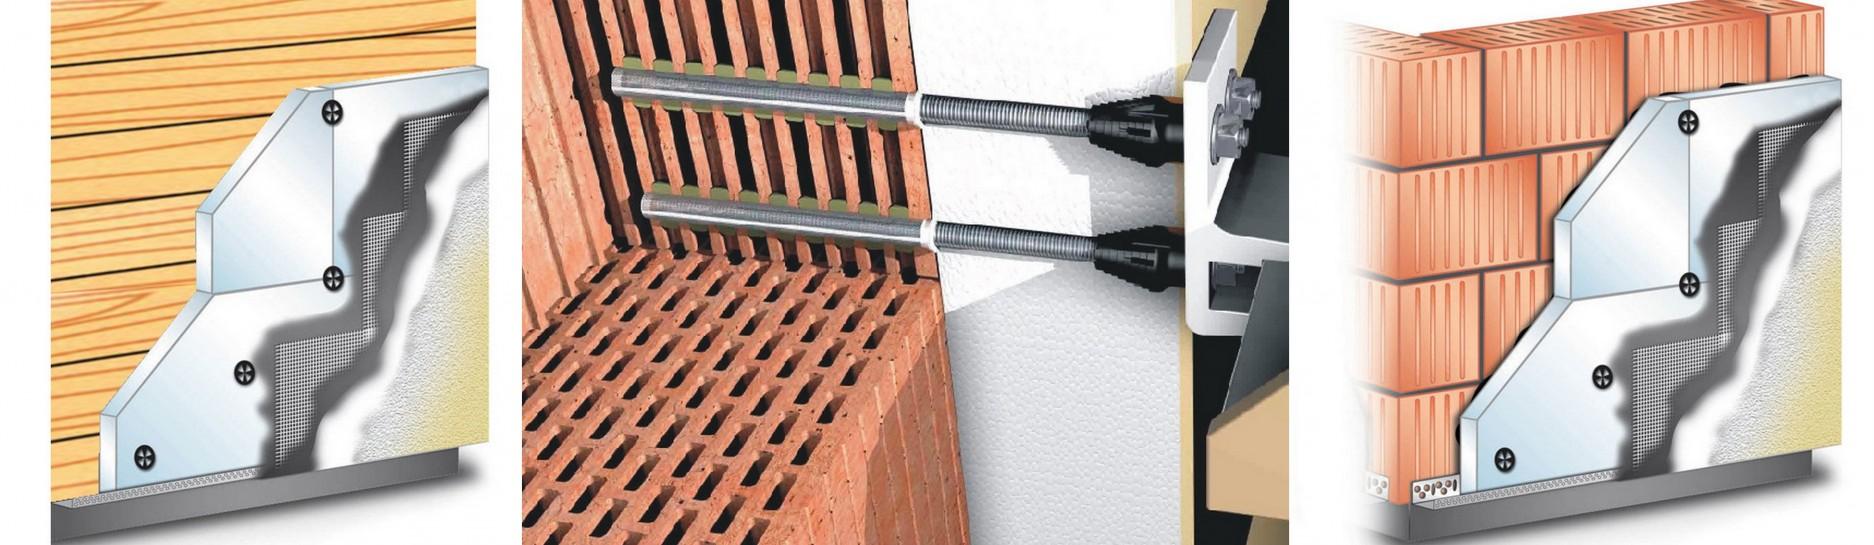 Kotevní materiál pro zateplenou fasádu k instalaci vchodové stříšky.